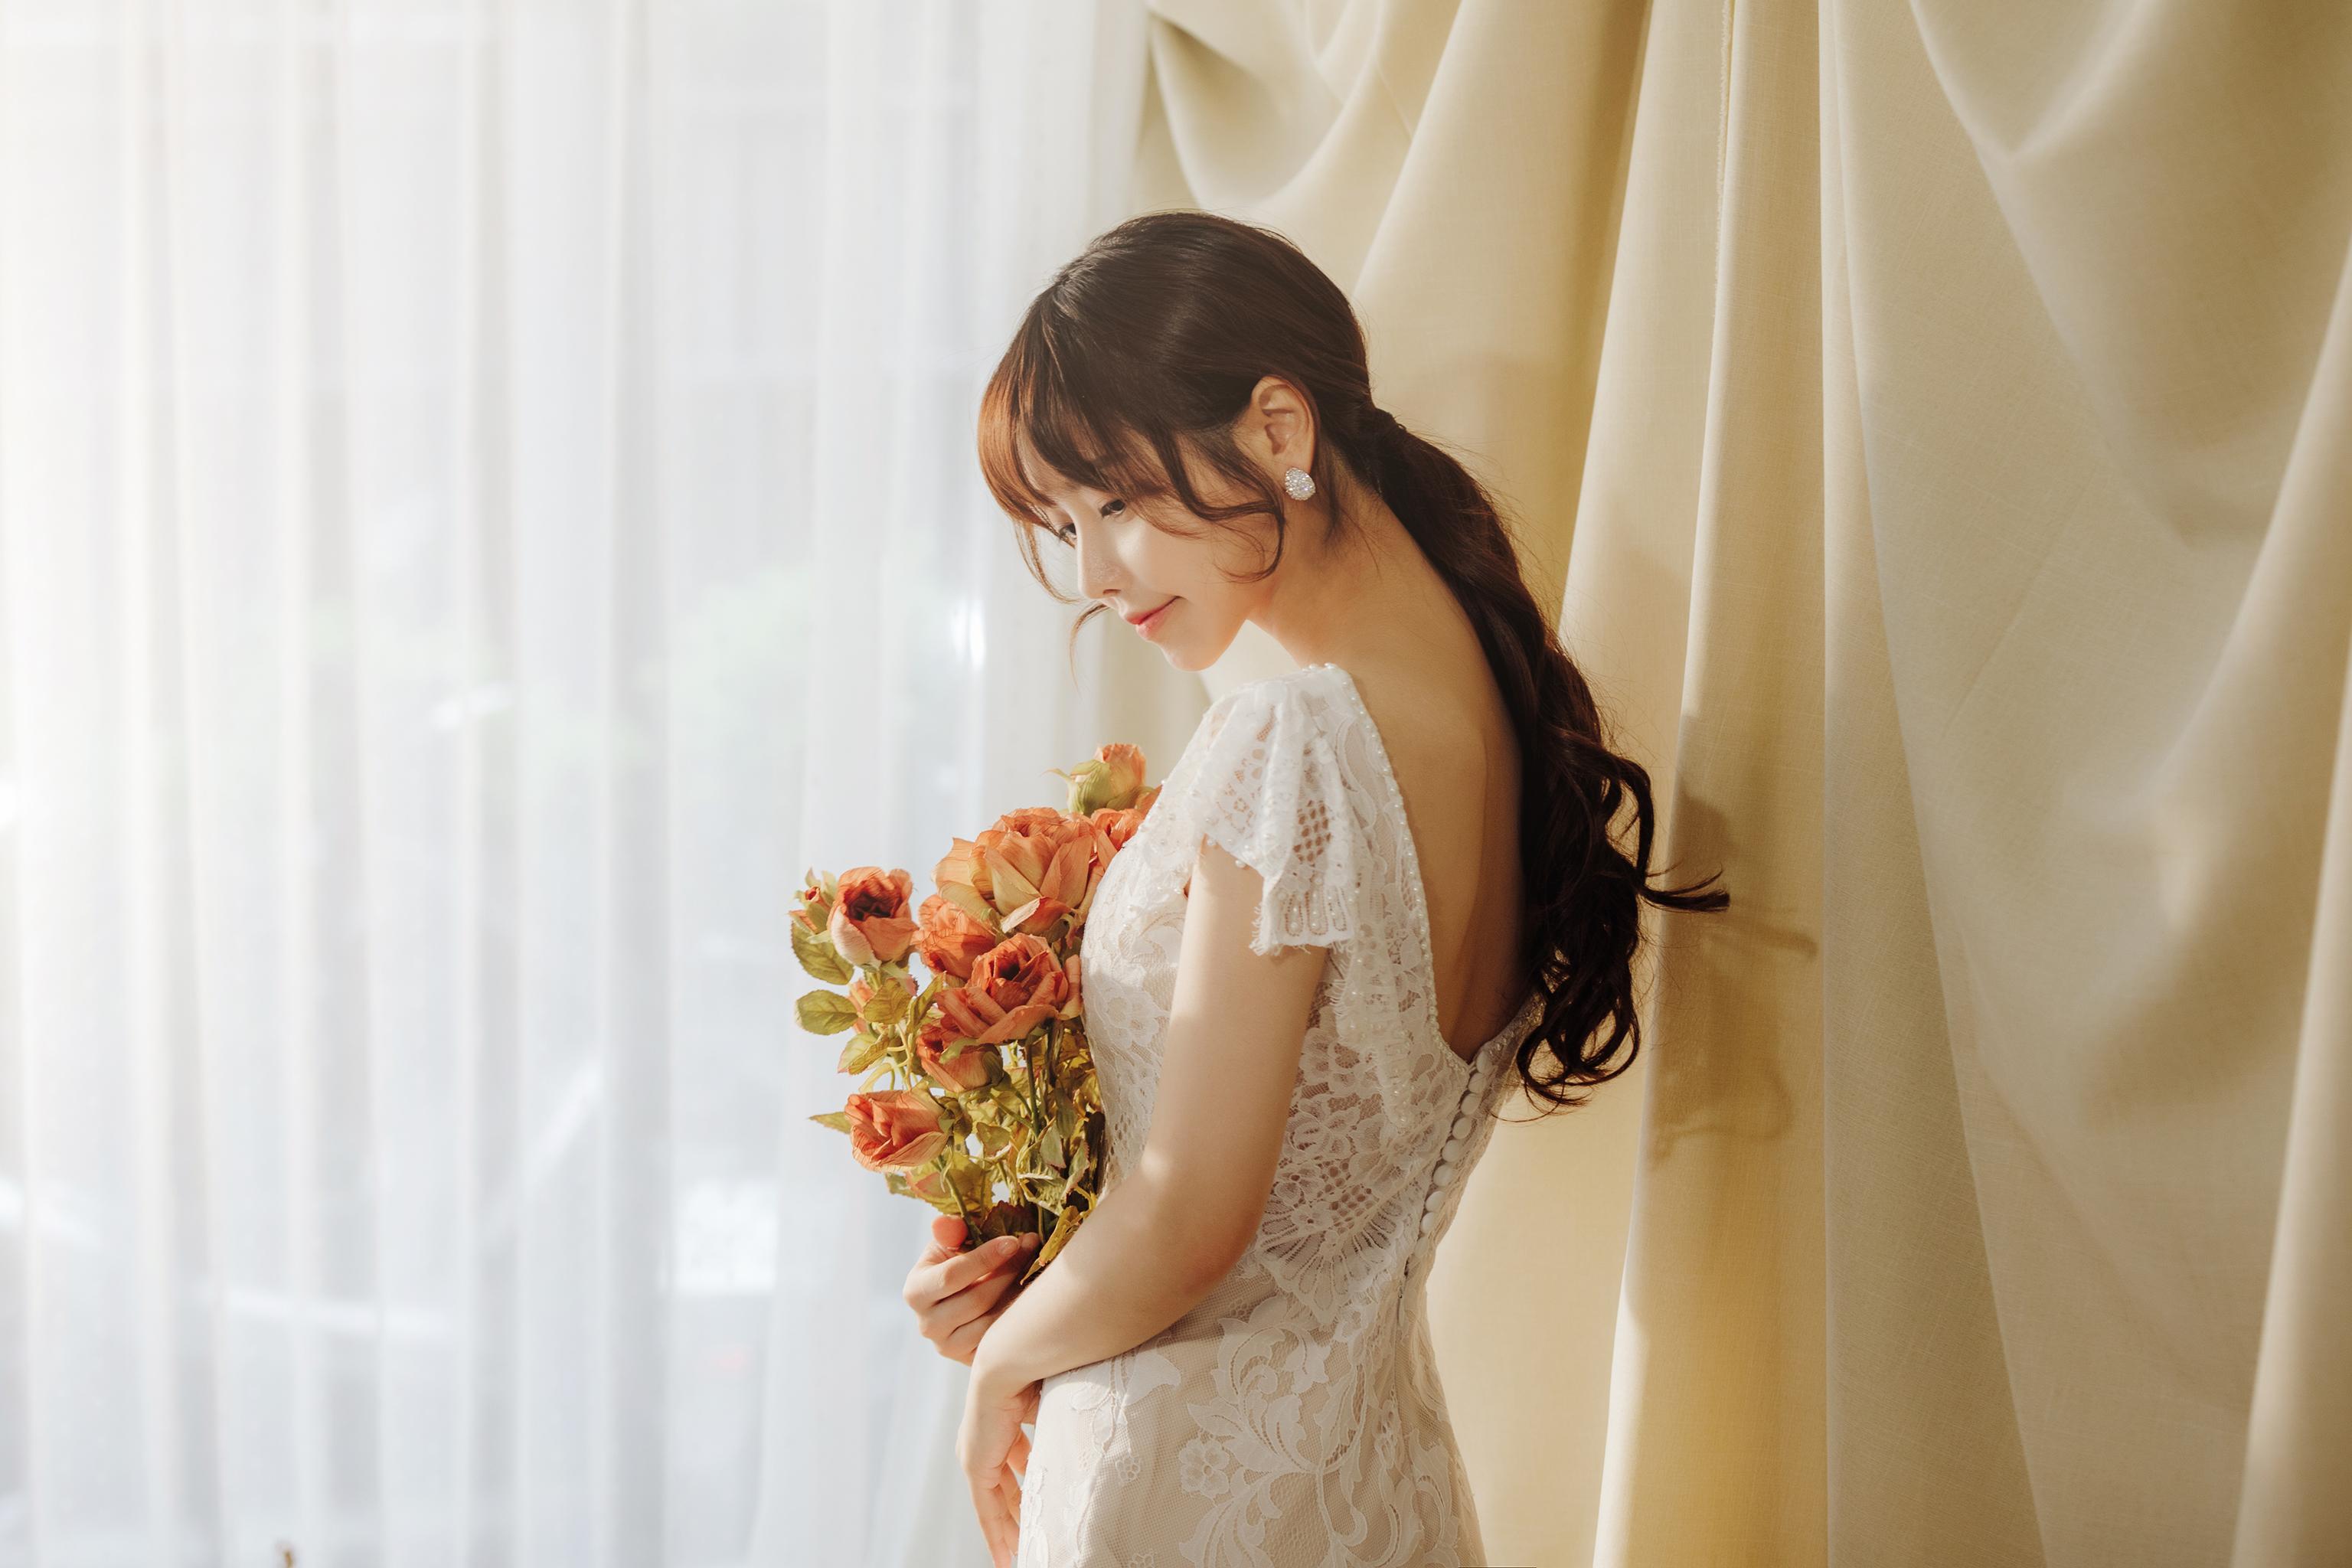 48957161067 1fbf533f71 o - 【自主婚紗】+Yu+